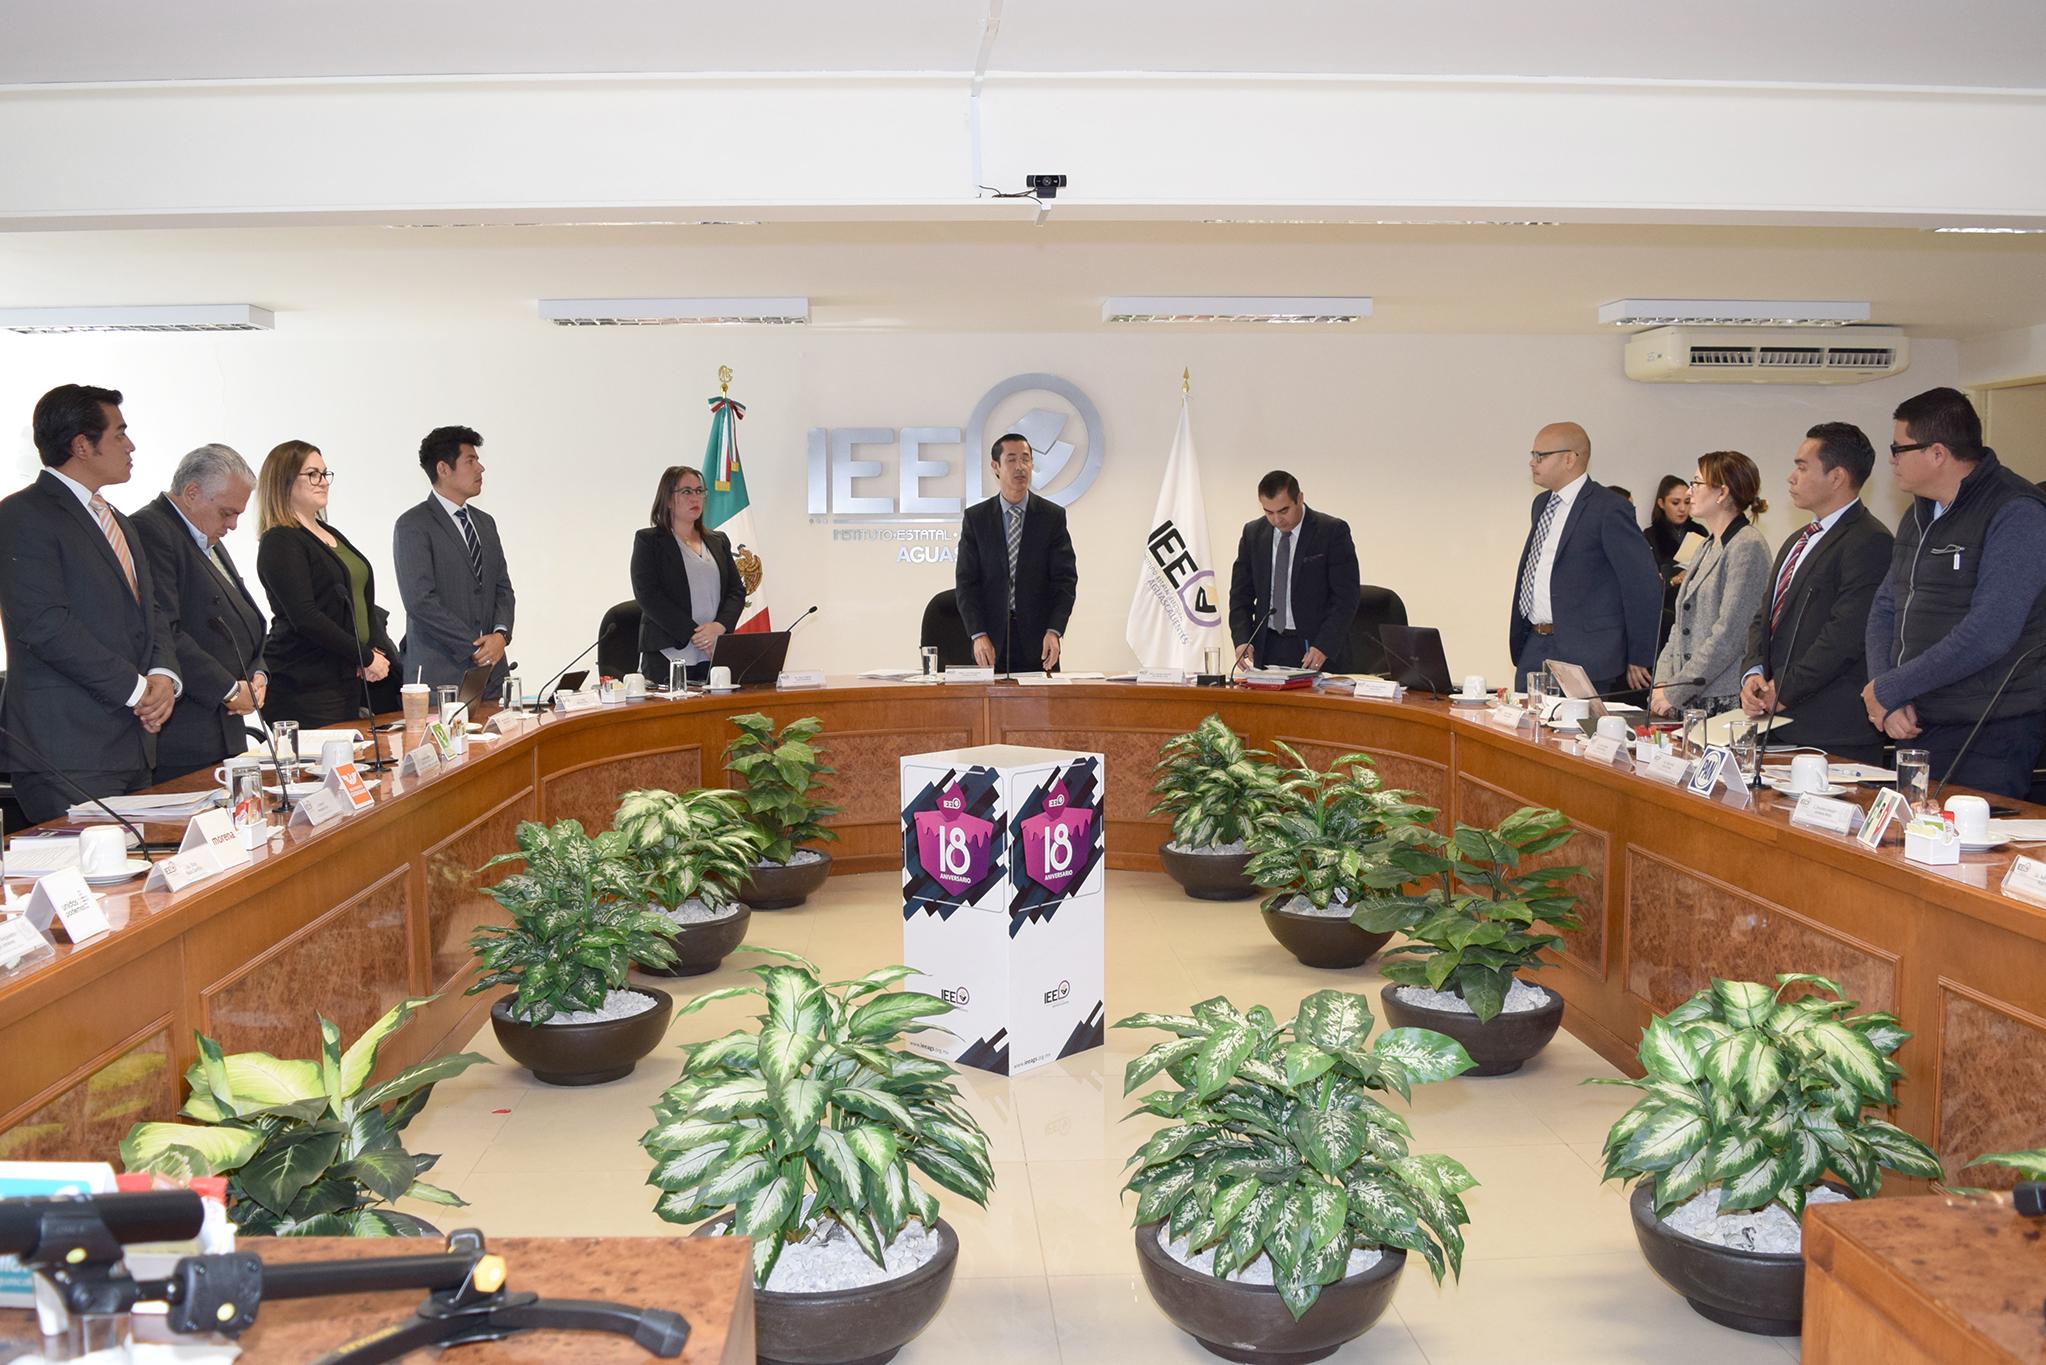 Aprueba IEE financiamiento público a partidos  y convocatoria a aspirantes a candidaturas independientes